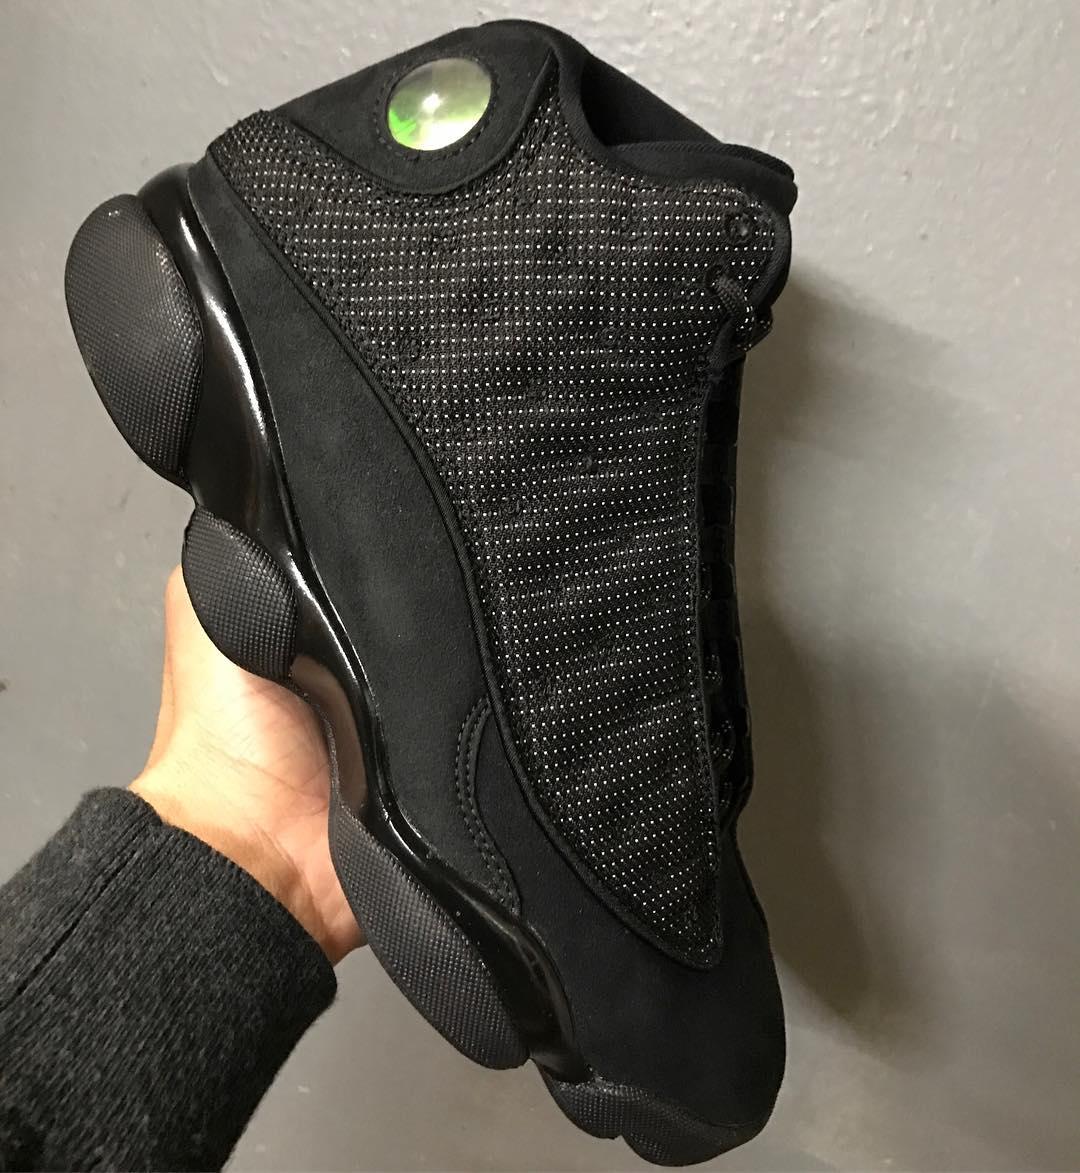 Air Jordan 13 Black Cat Release Date In-Hand 414571-011